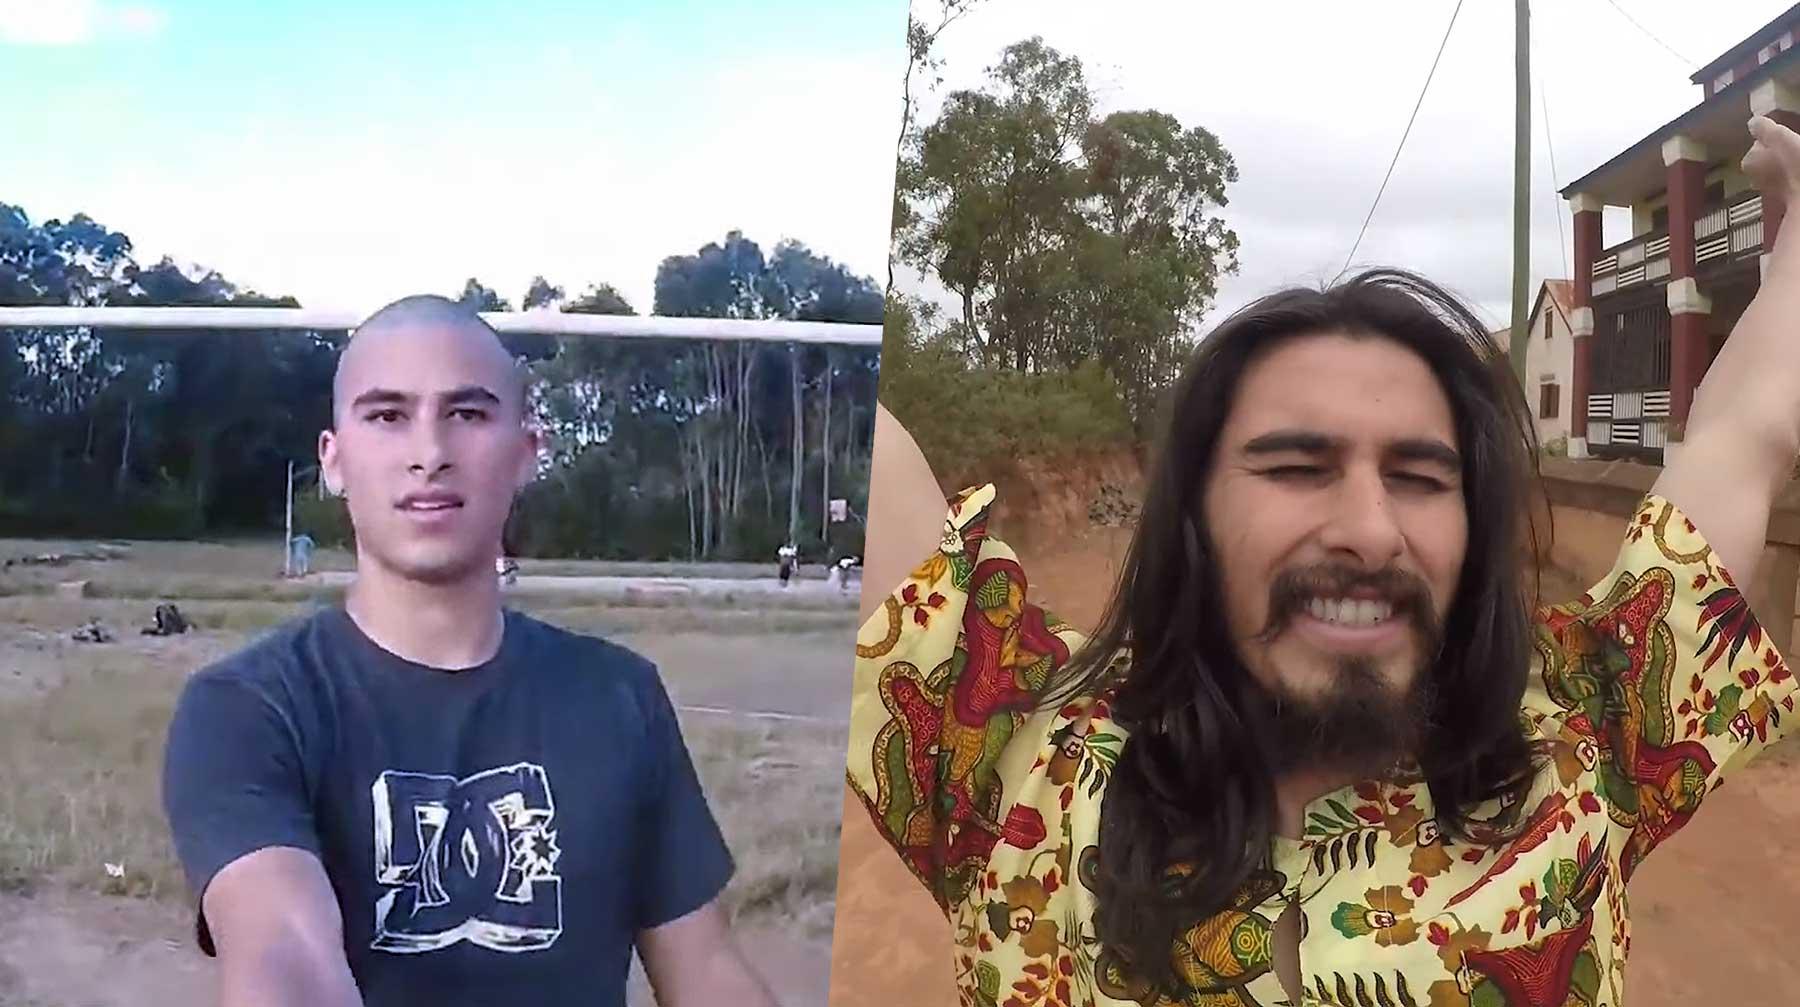 Timelapse: Mann lässt 2 Jahre lang Haare seine wachsen